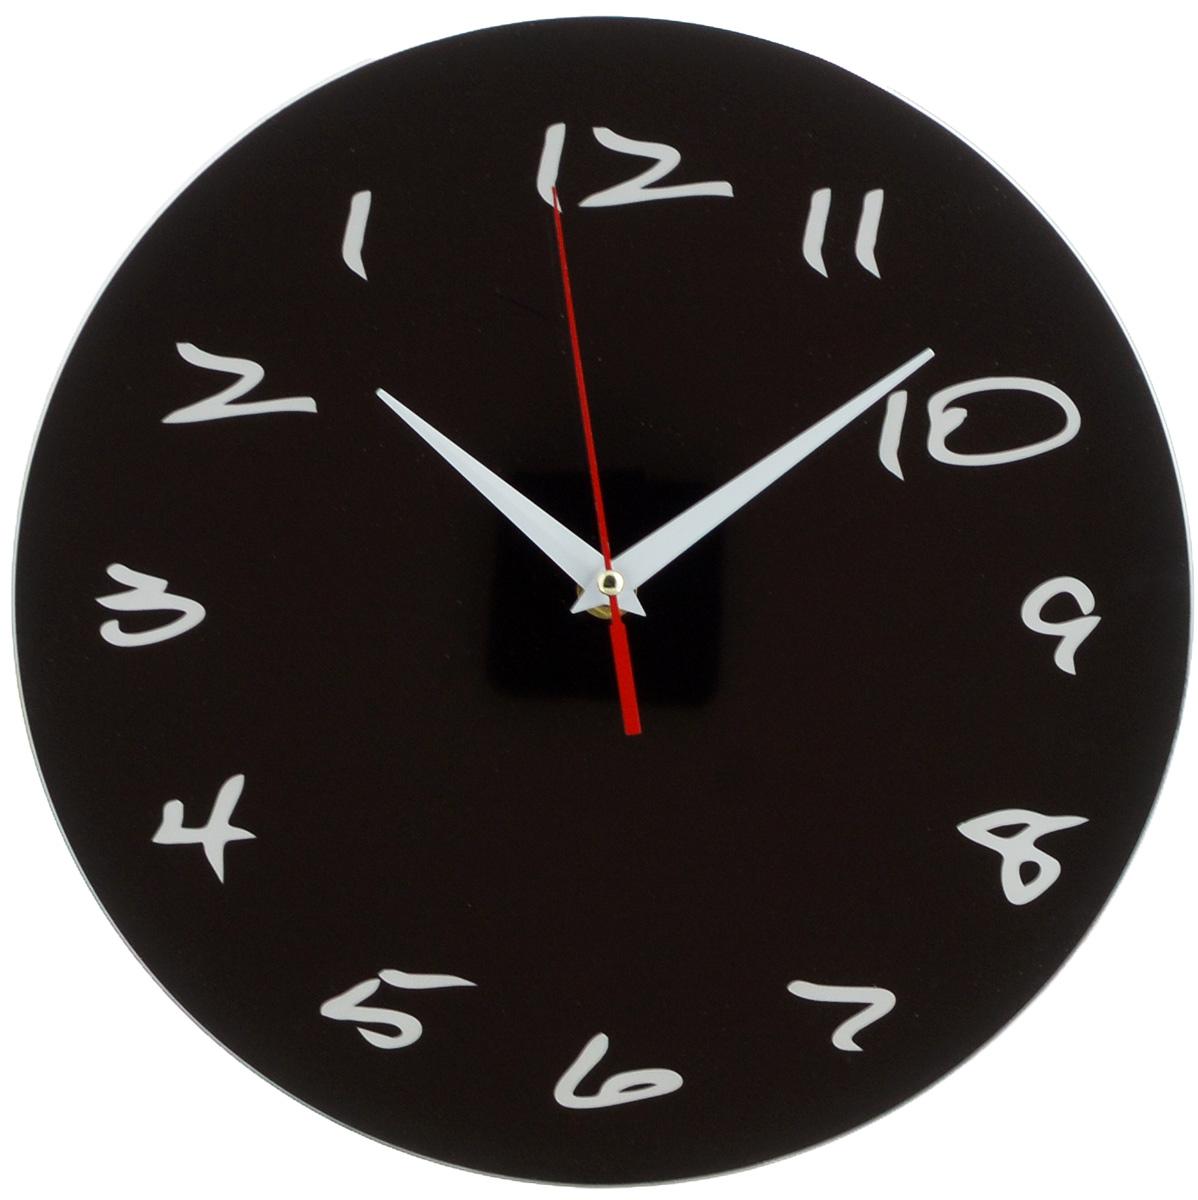 Часы настенные Эврика Античасы. Классика черная, диаметр 28 см96616Оригинальные настенные часы Эврика Античасы. Классика черная круглой формы выполнены из стекла. Часы имеют три стрелки - часовую, минутную и секундную и циферблат с цифрами. Необычное дизайнерское решение и качество исполнения придутся по вкусу каждому. Античасы. Классика черная - это не обычные часы, а часы с обратным ходом. Часы работают от 1 батарейки типа АА напряжением 1,5 В.